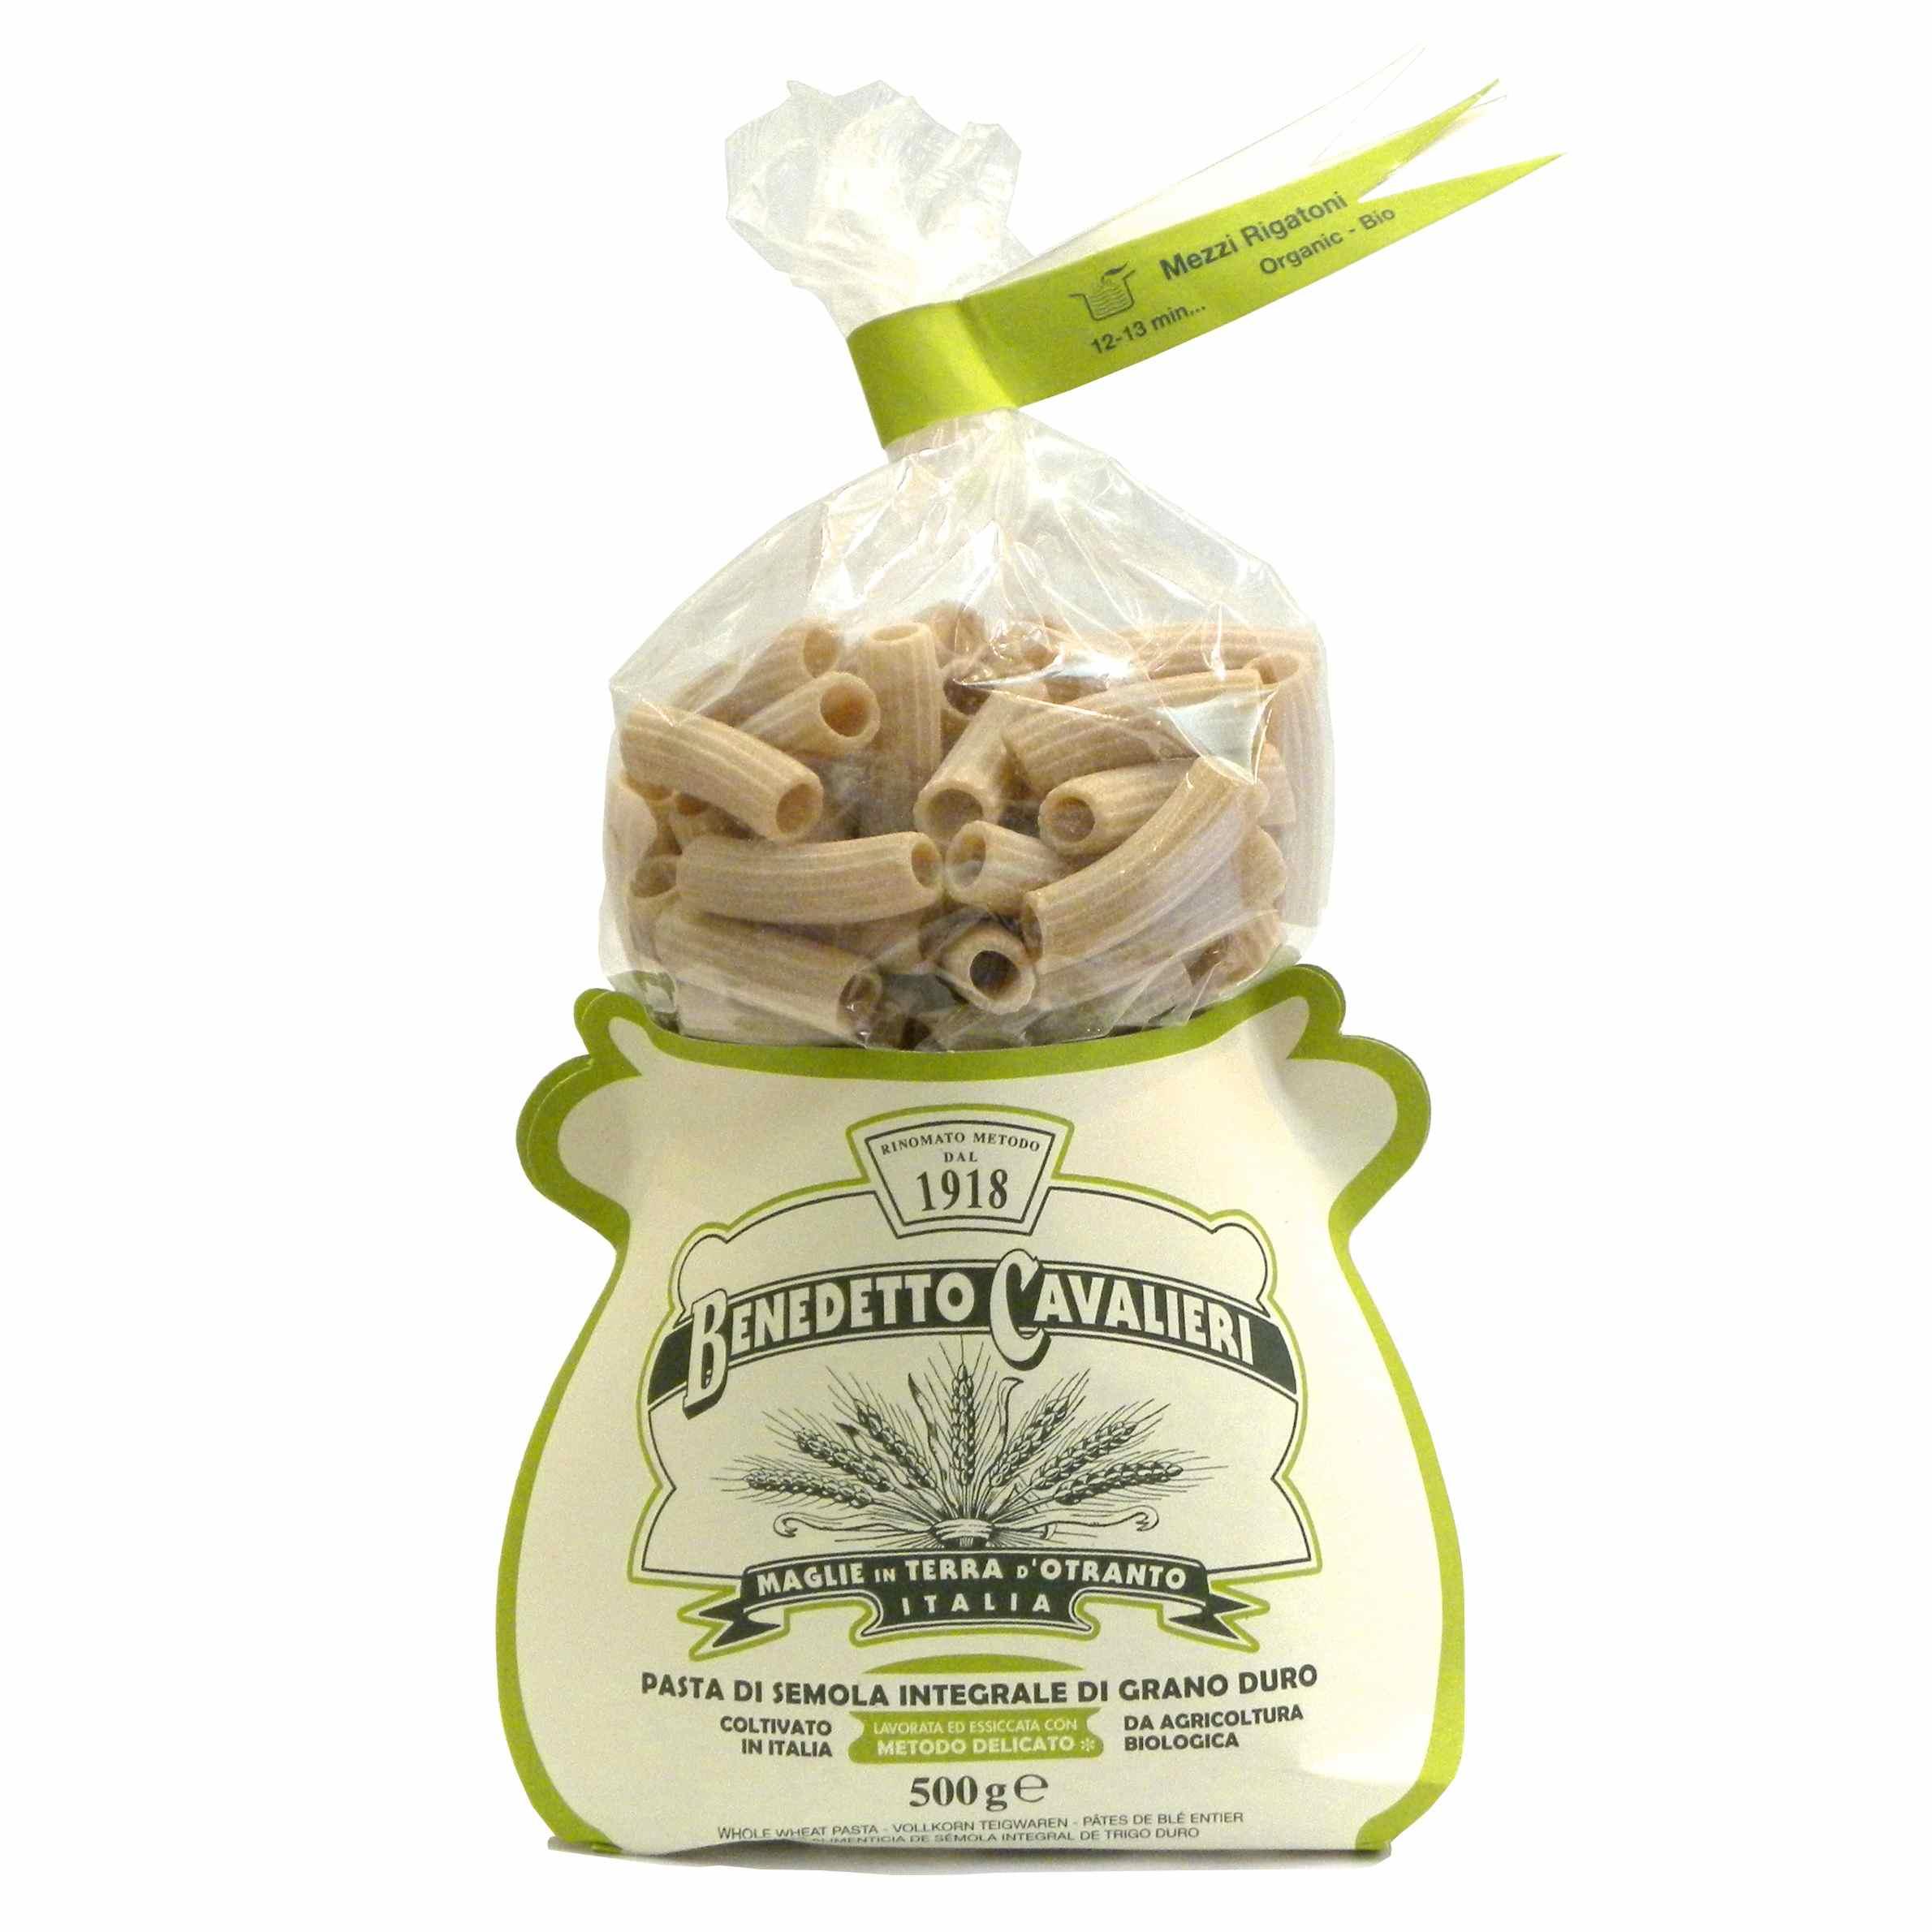 Benedetto Cavalieri Pasta Mezzi rigatoni Bio Integrali – Benedetto Cavalieri Organic Whole wheat pasta Mezzi rigatoni – Gustorotondo – Italian food boutique